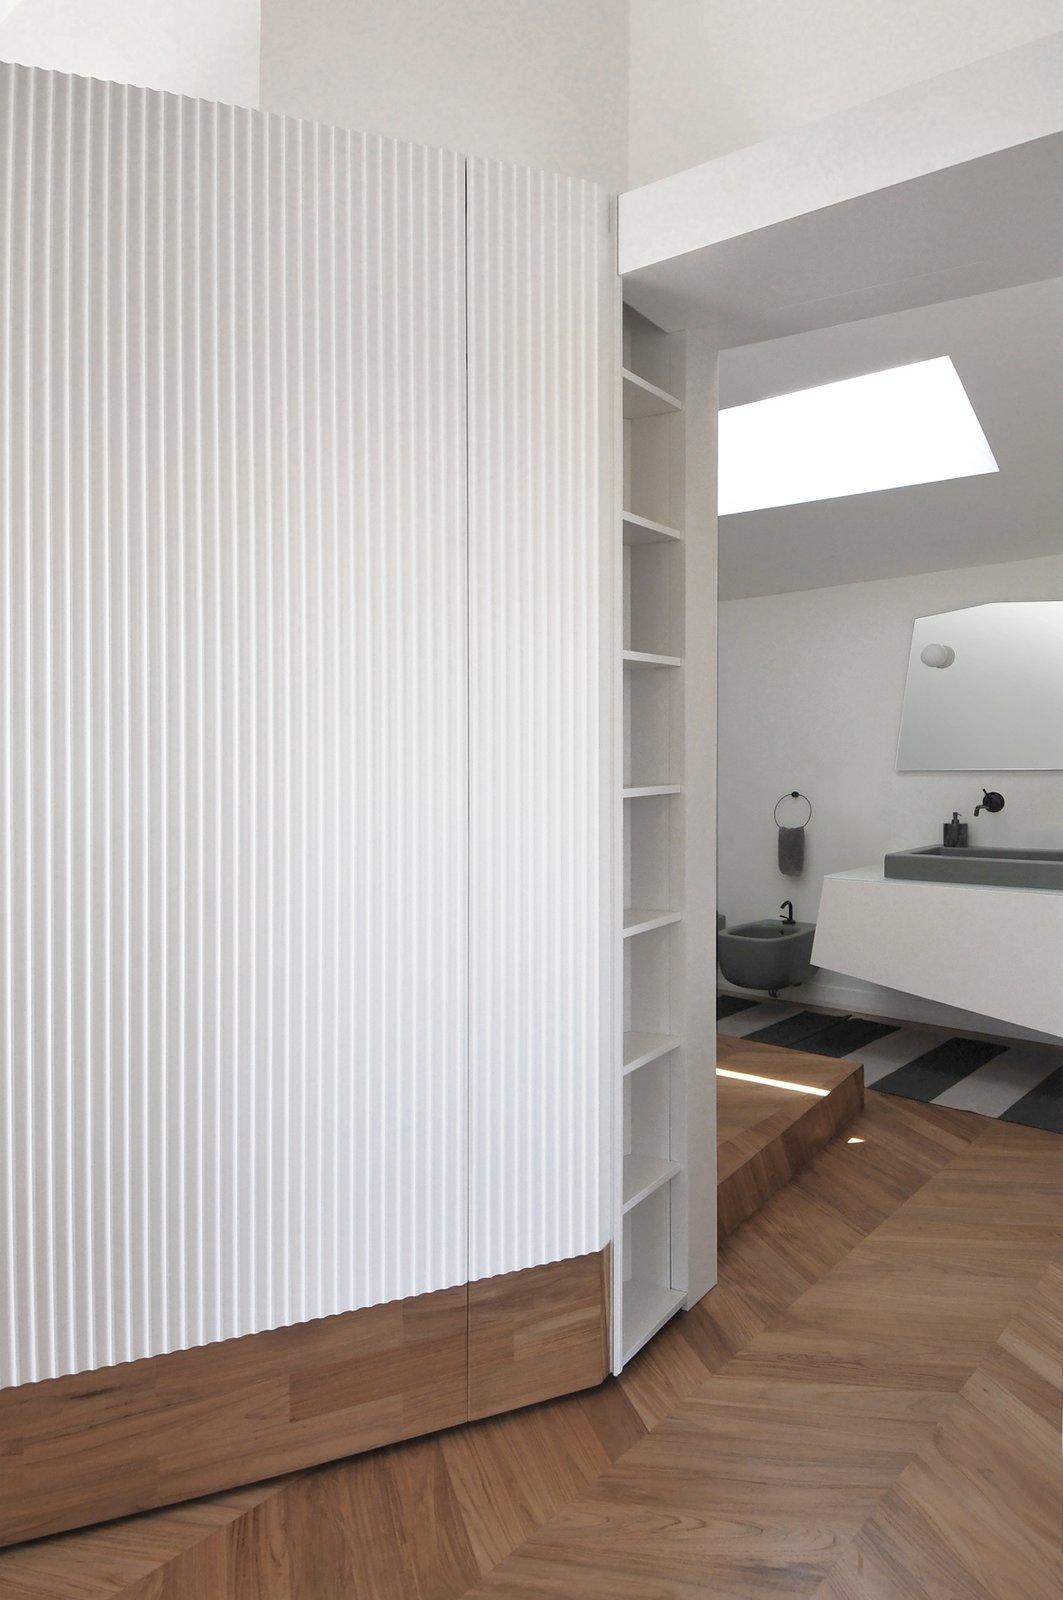 Bath Room, Light Hardwood Floor, Wall Lighting, Drop In Sink, and Two Piece Toilet  cdr